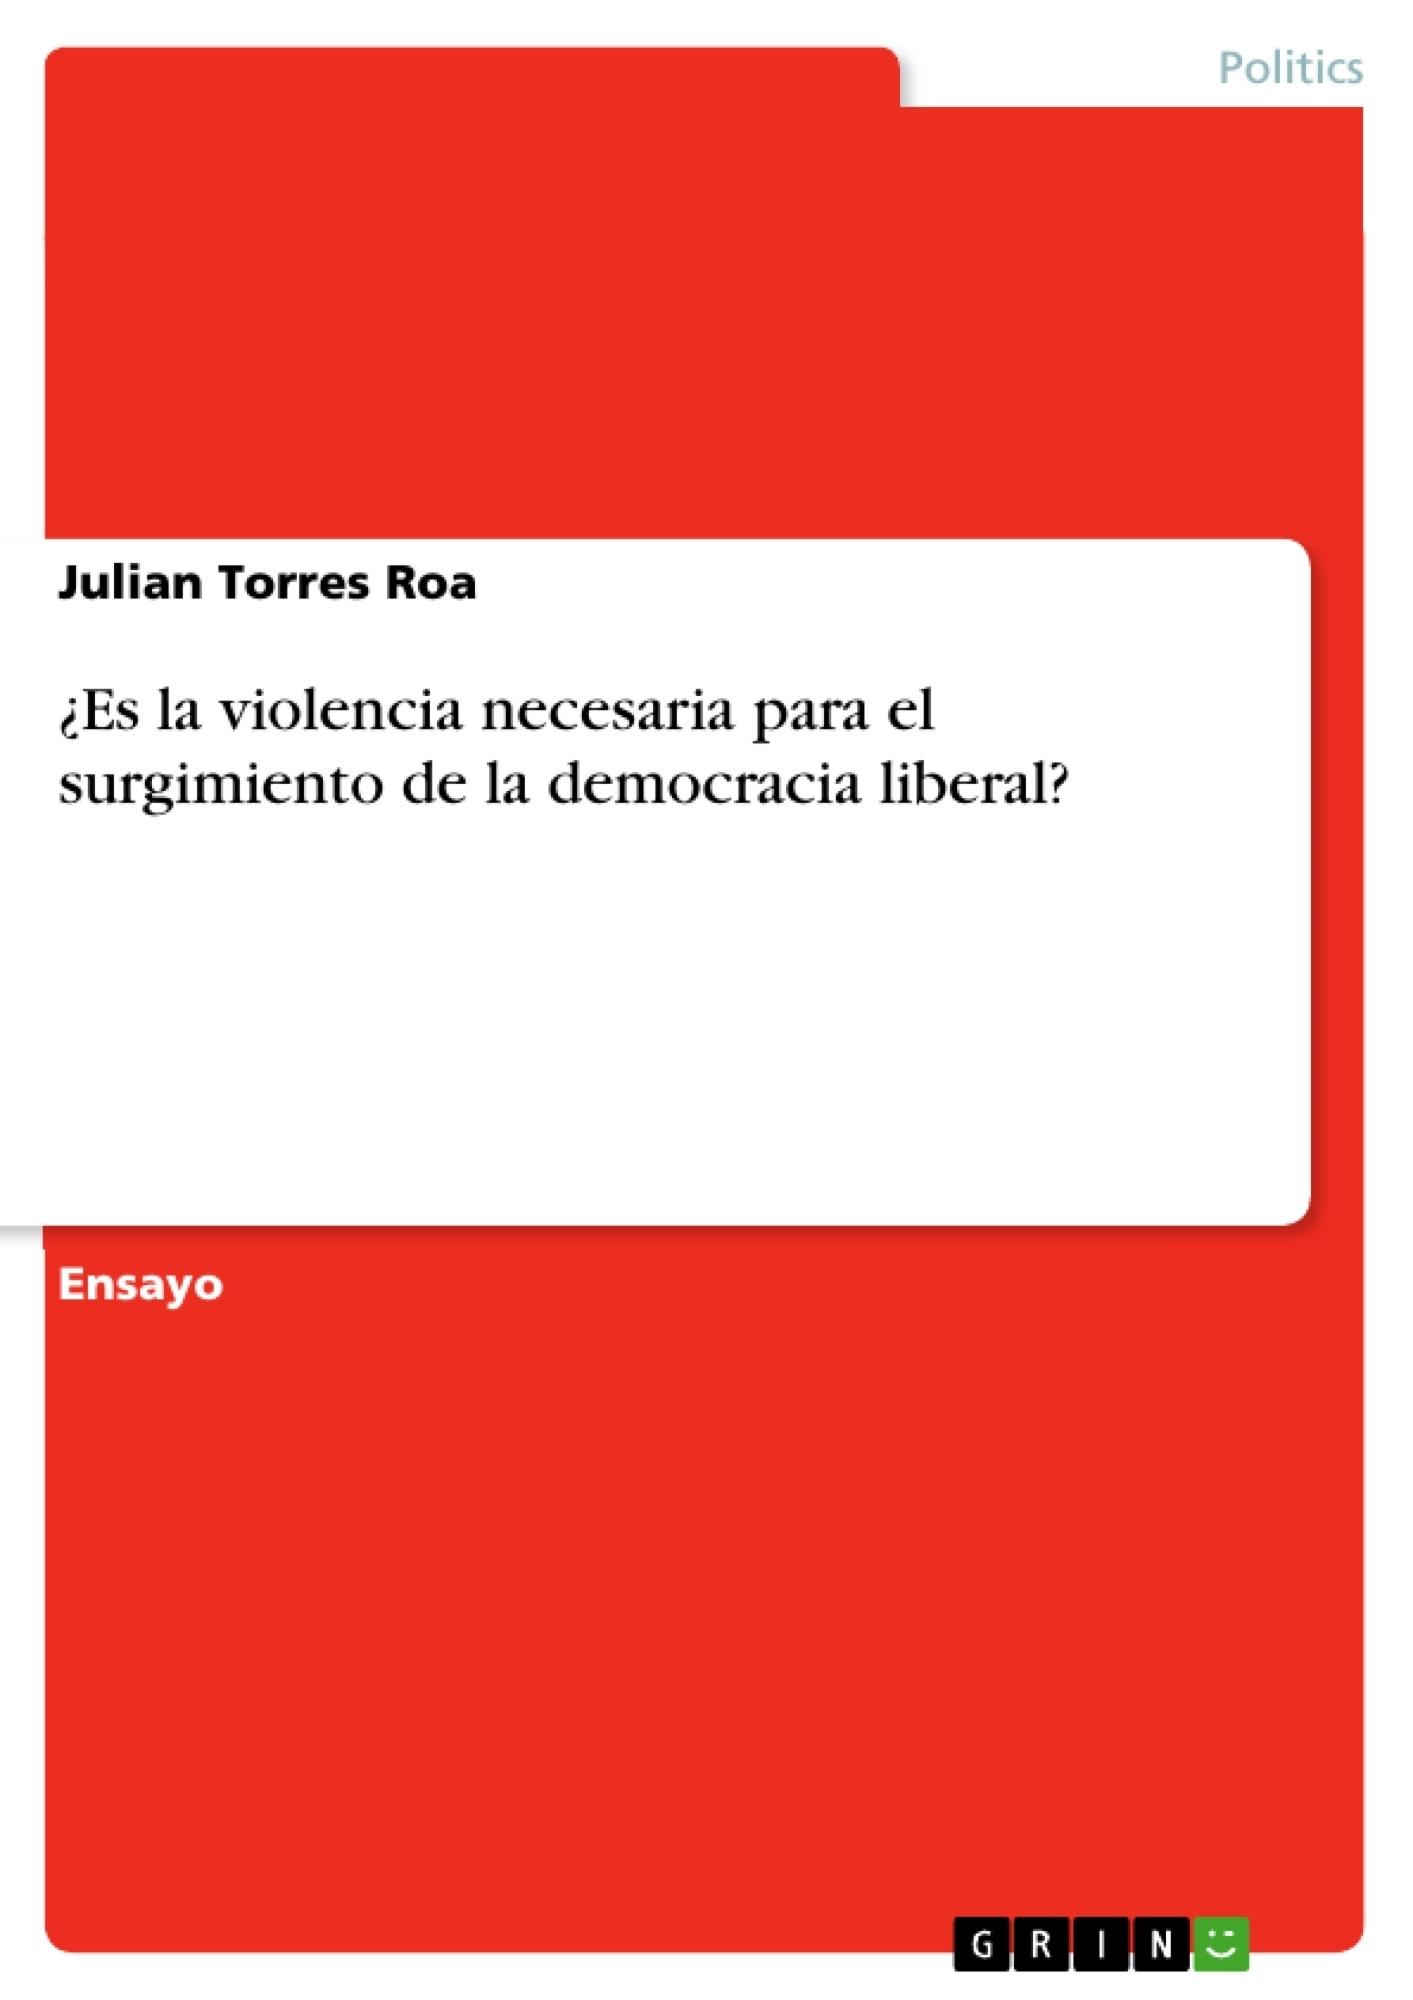 Título: ¿Es la violencia necesaria para el surgimiento de la democracia liberal?